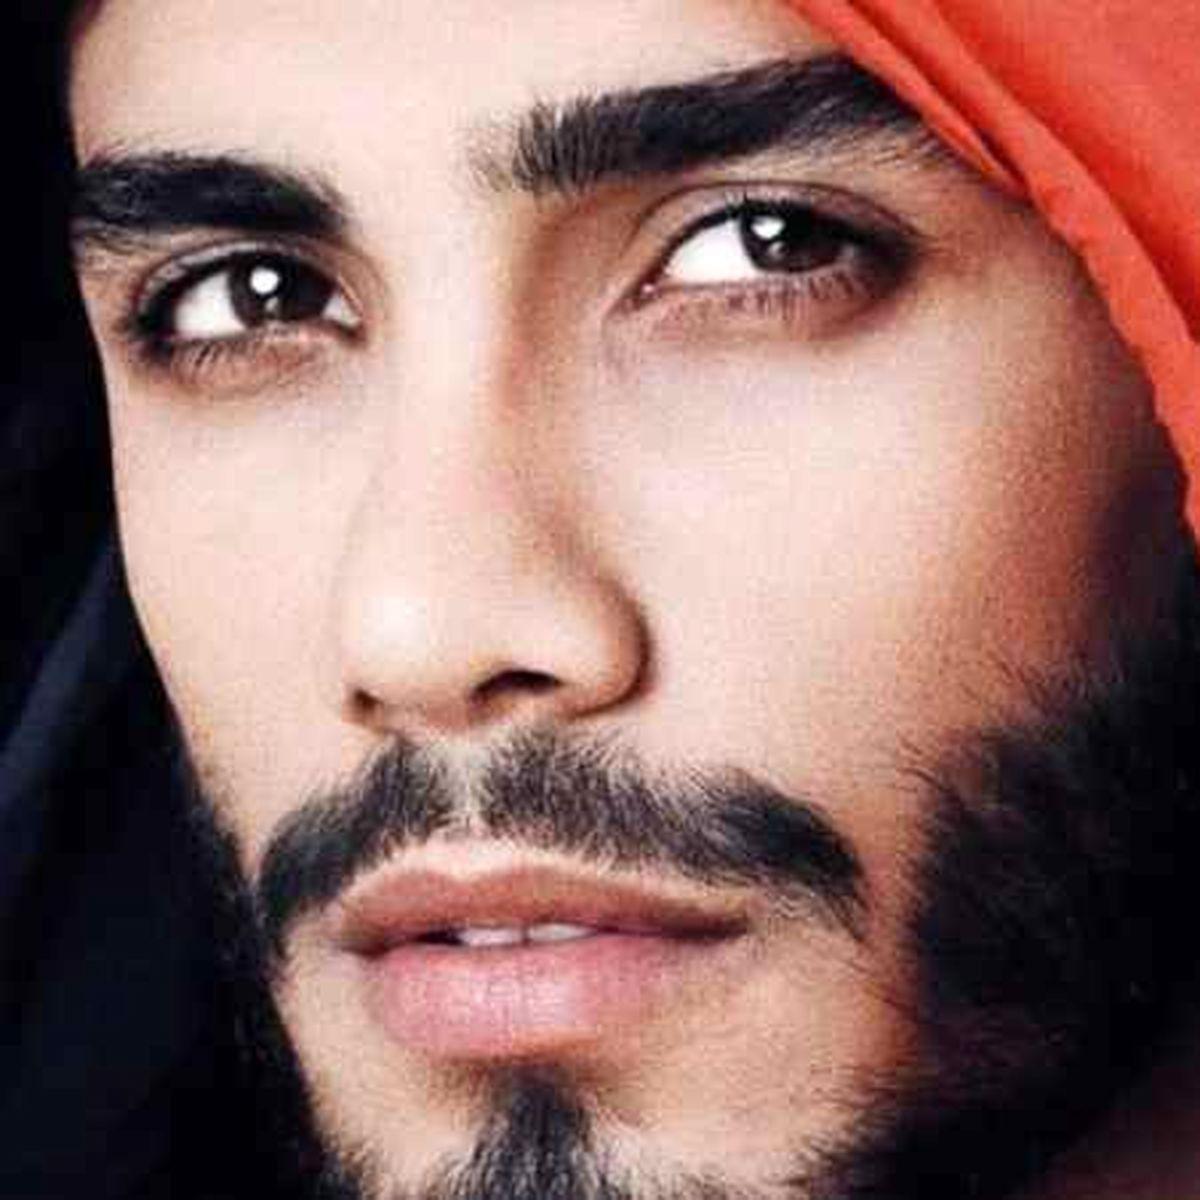 مهراد جم از چهره جدیدش رونمایی کرد + عکس